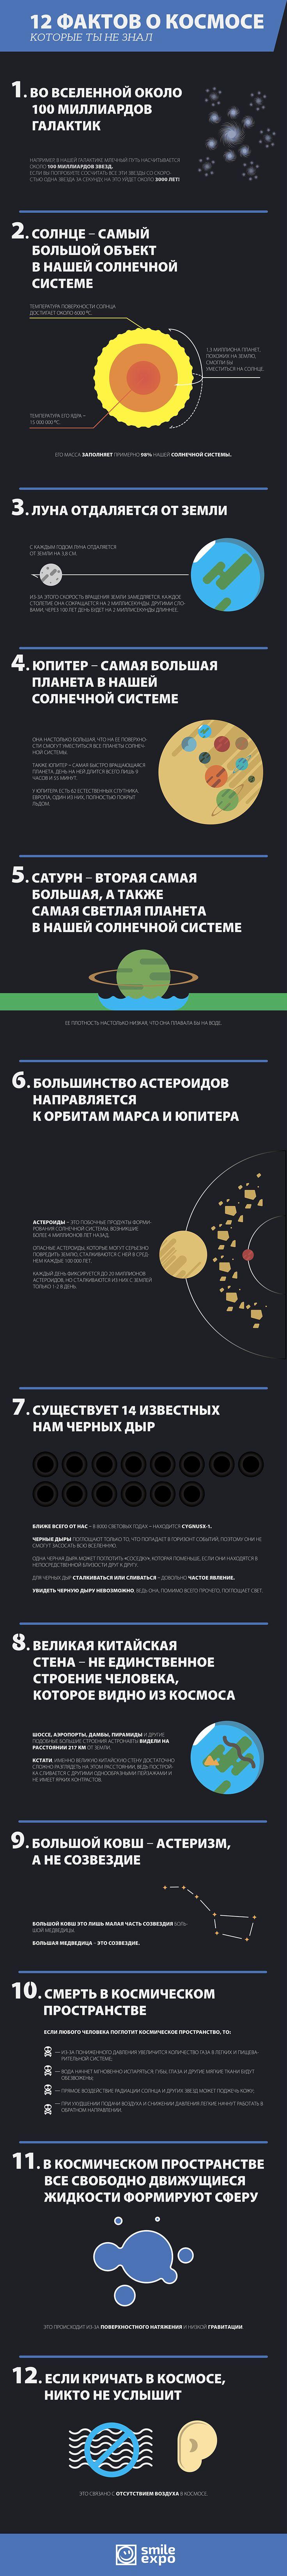 Инфографика-Факты-о-космосе-о-которых-вы-точно-не-знали